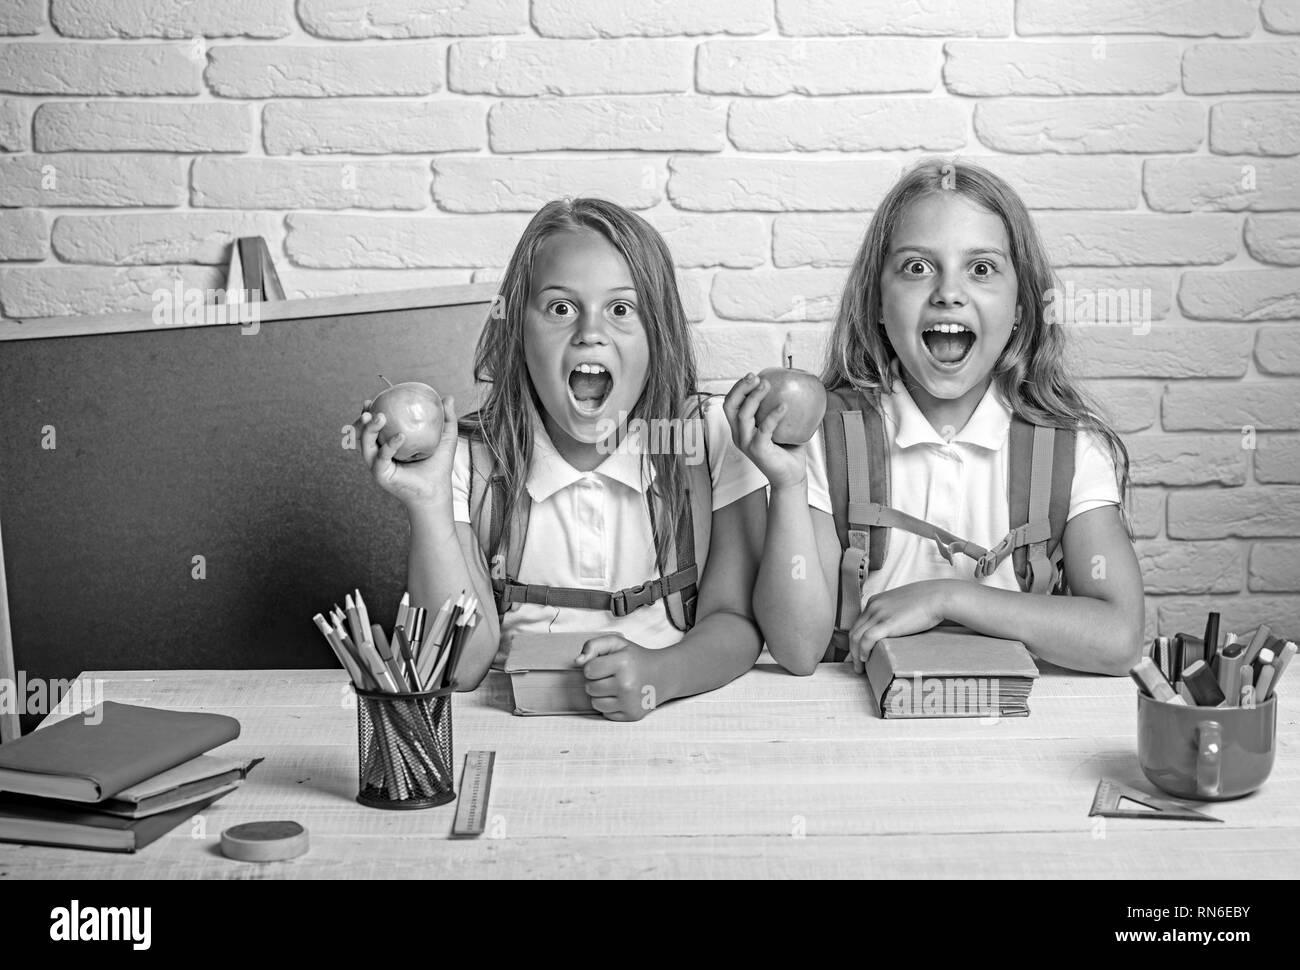 Enfants à l'école heureuse leçon en septembre 1. Les petites filles manger apple à la pause déjeuner. Le temps de l'école des filles. L'amitié de petites soeurs en classe à Photo Stock